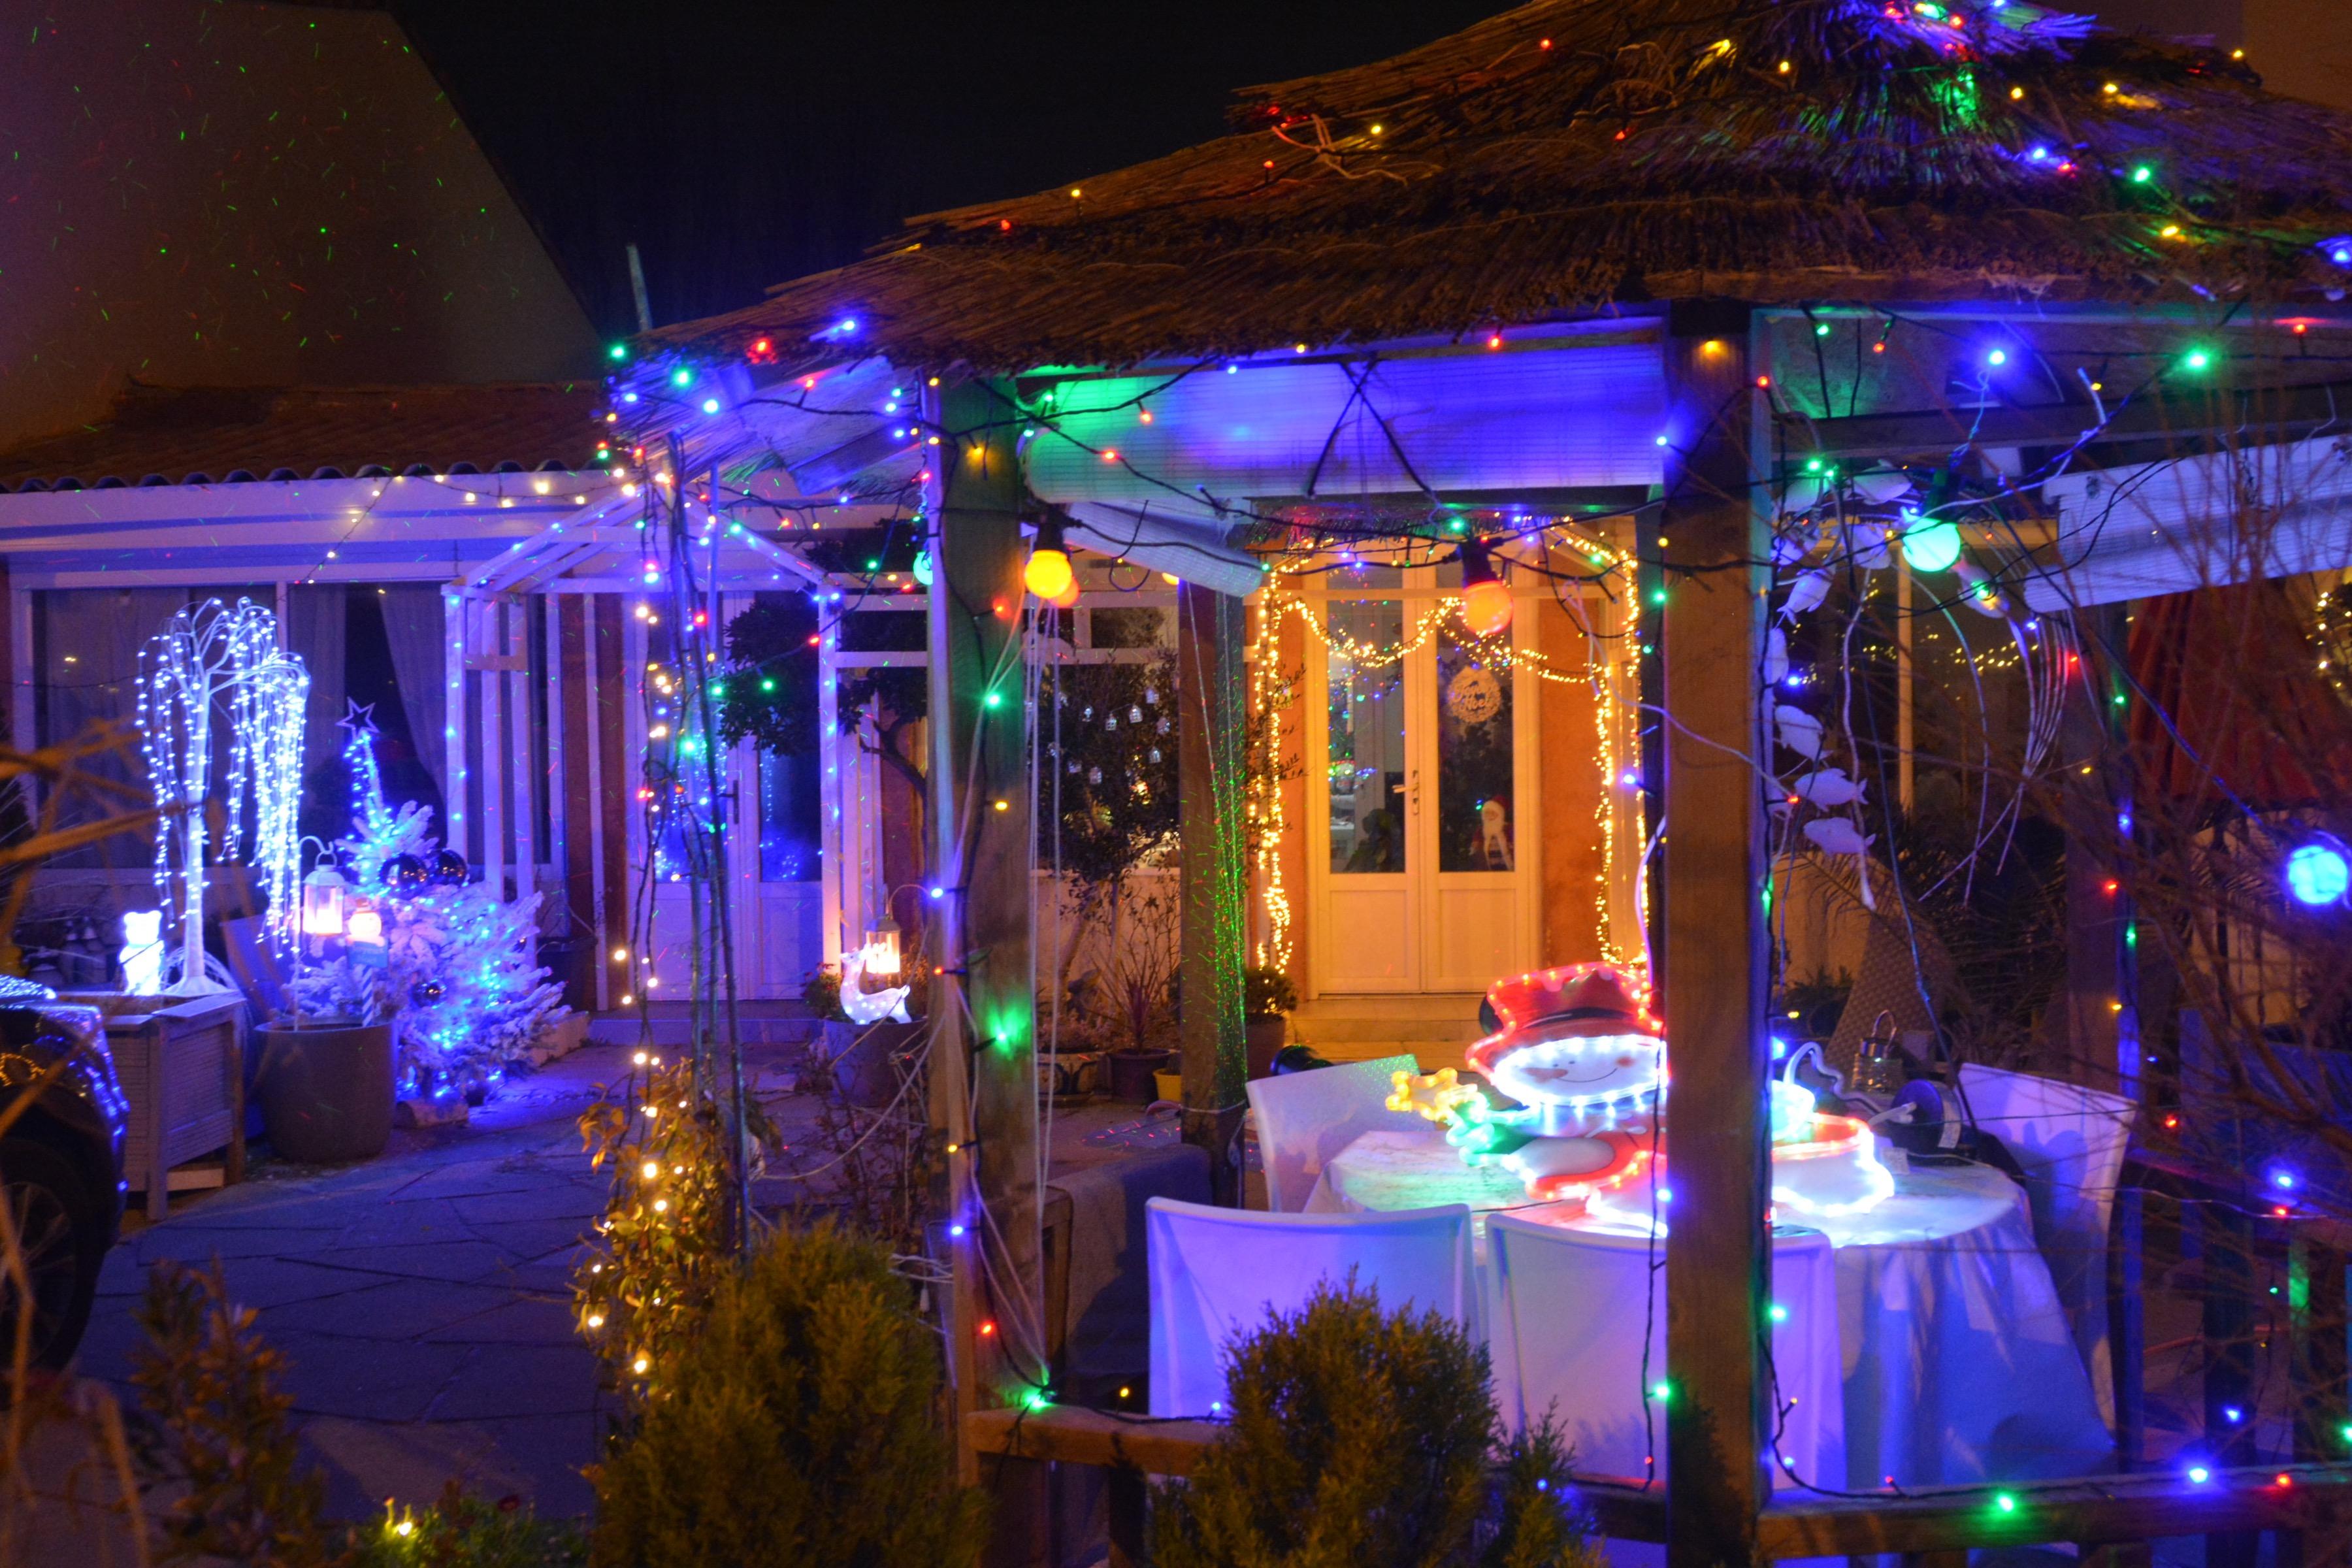 Remise des prix du concours des illuminations de Noël